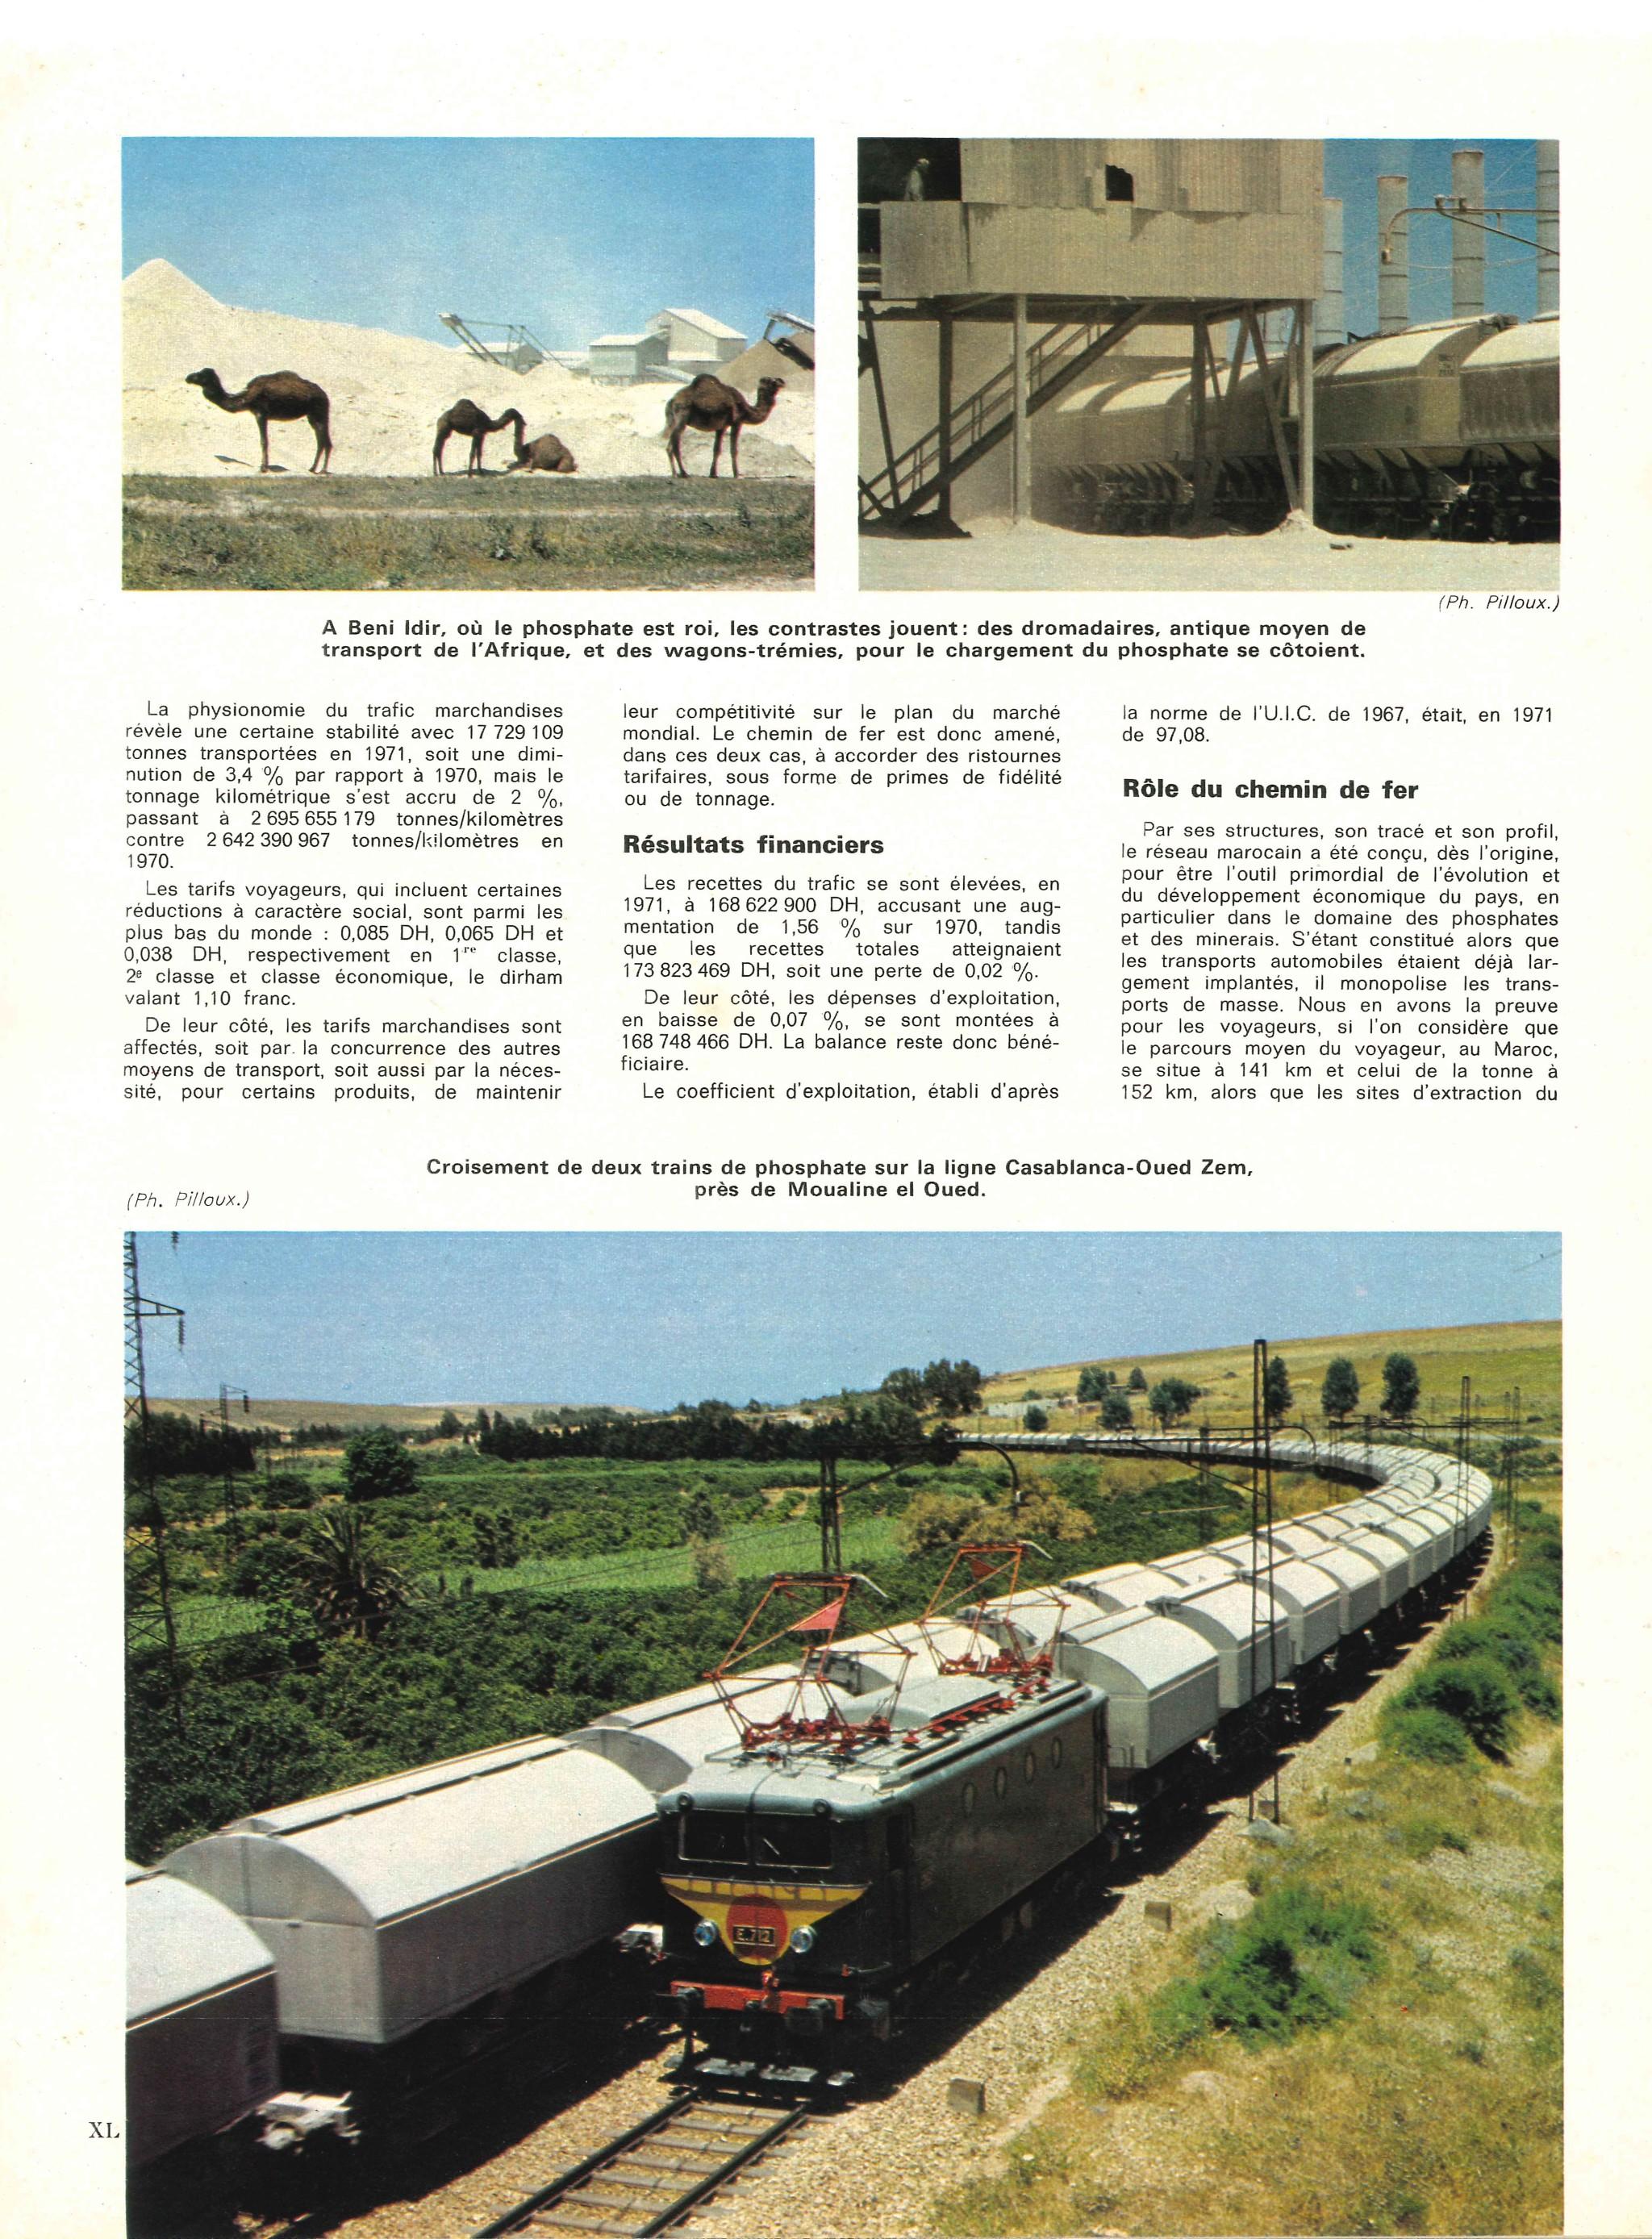 Chemins de Fer au Maroc - ONCF  - Page 2 49429346788_5e9e2391ad_3k